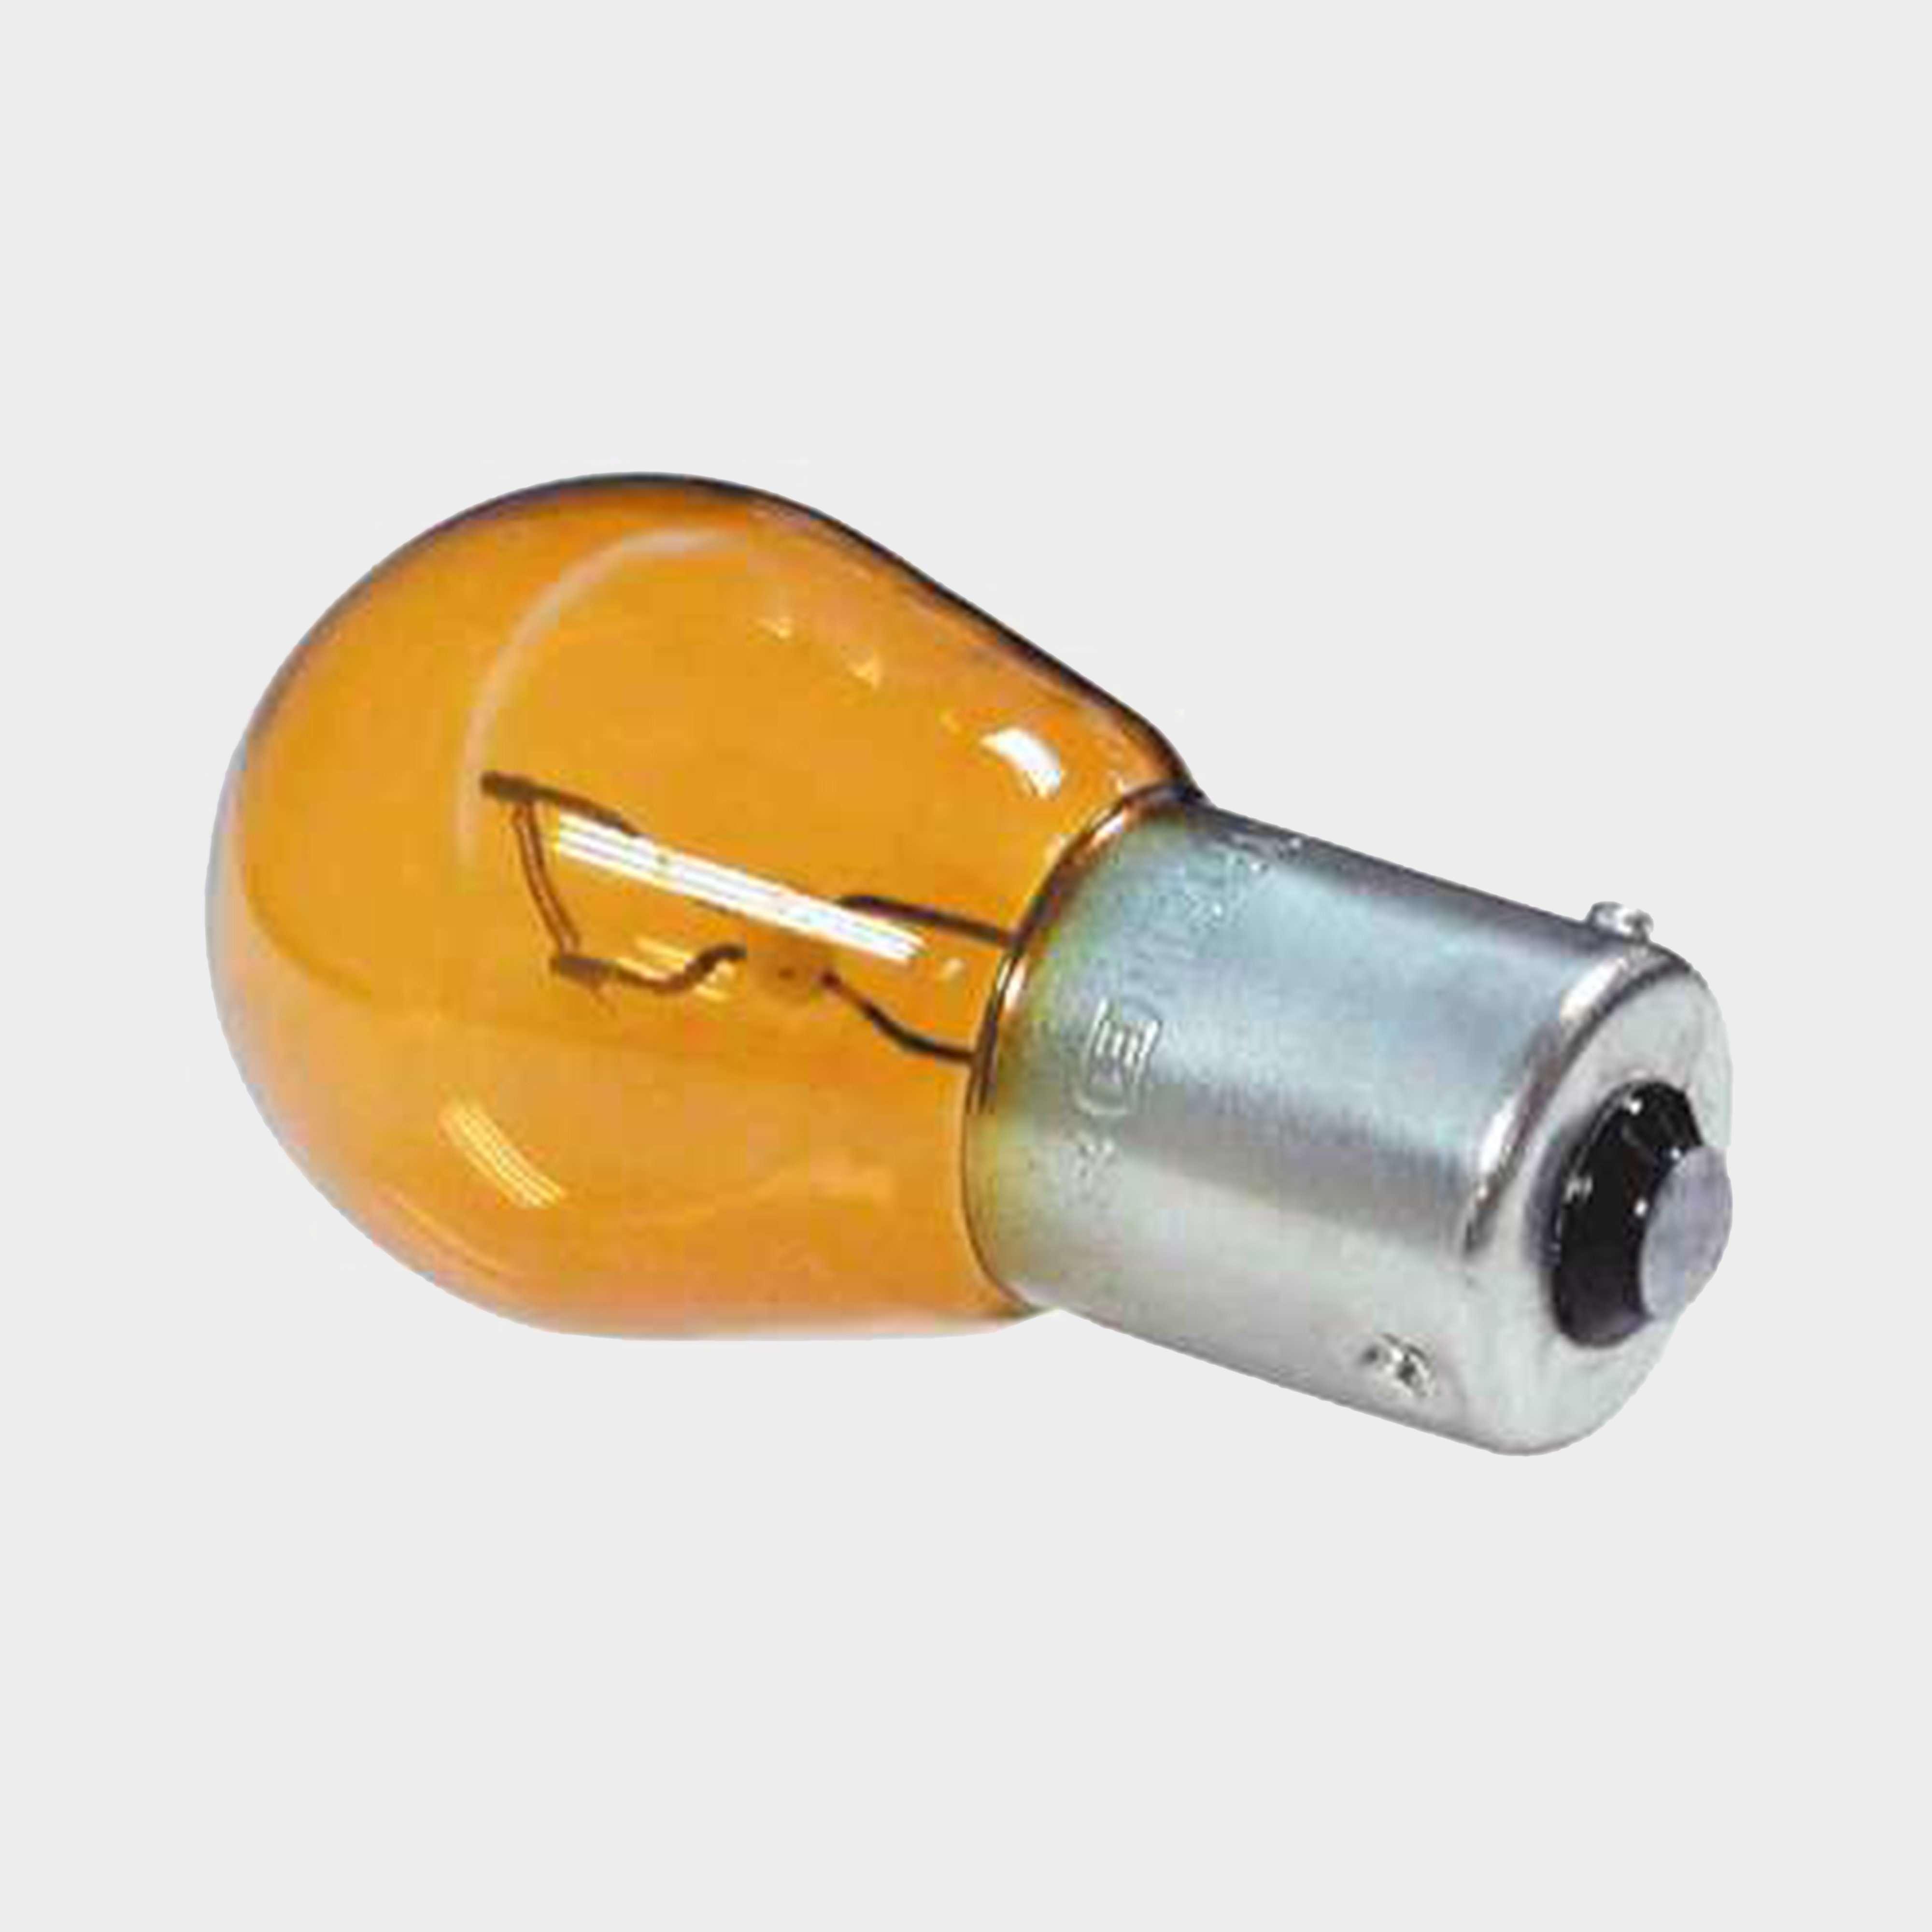 W4 12V Amber Bulb